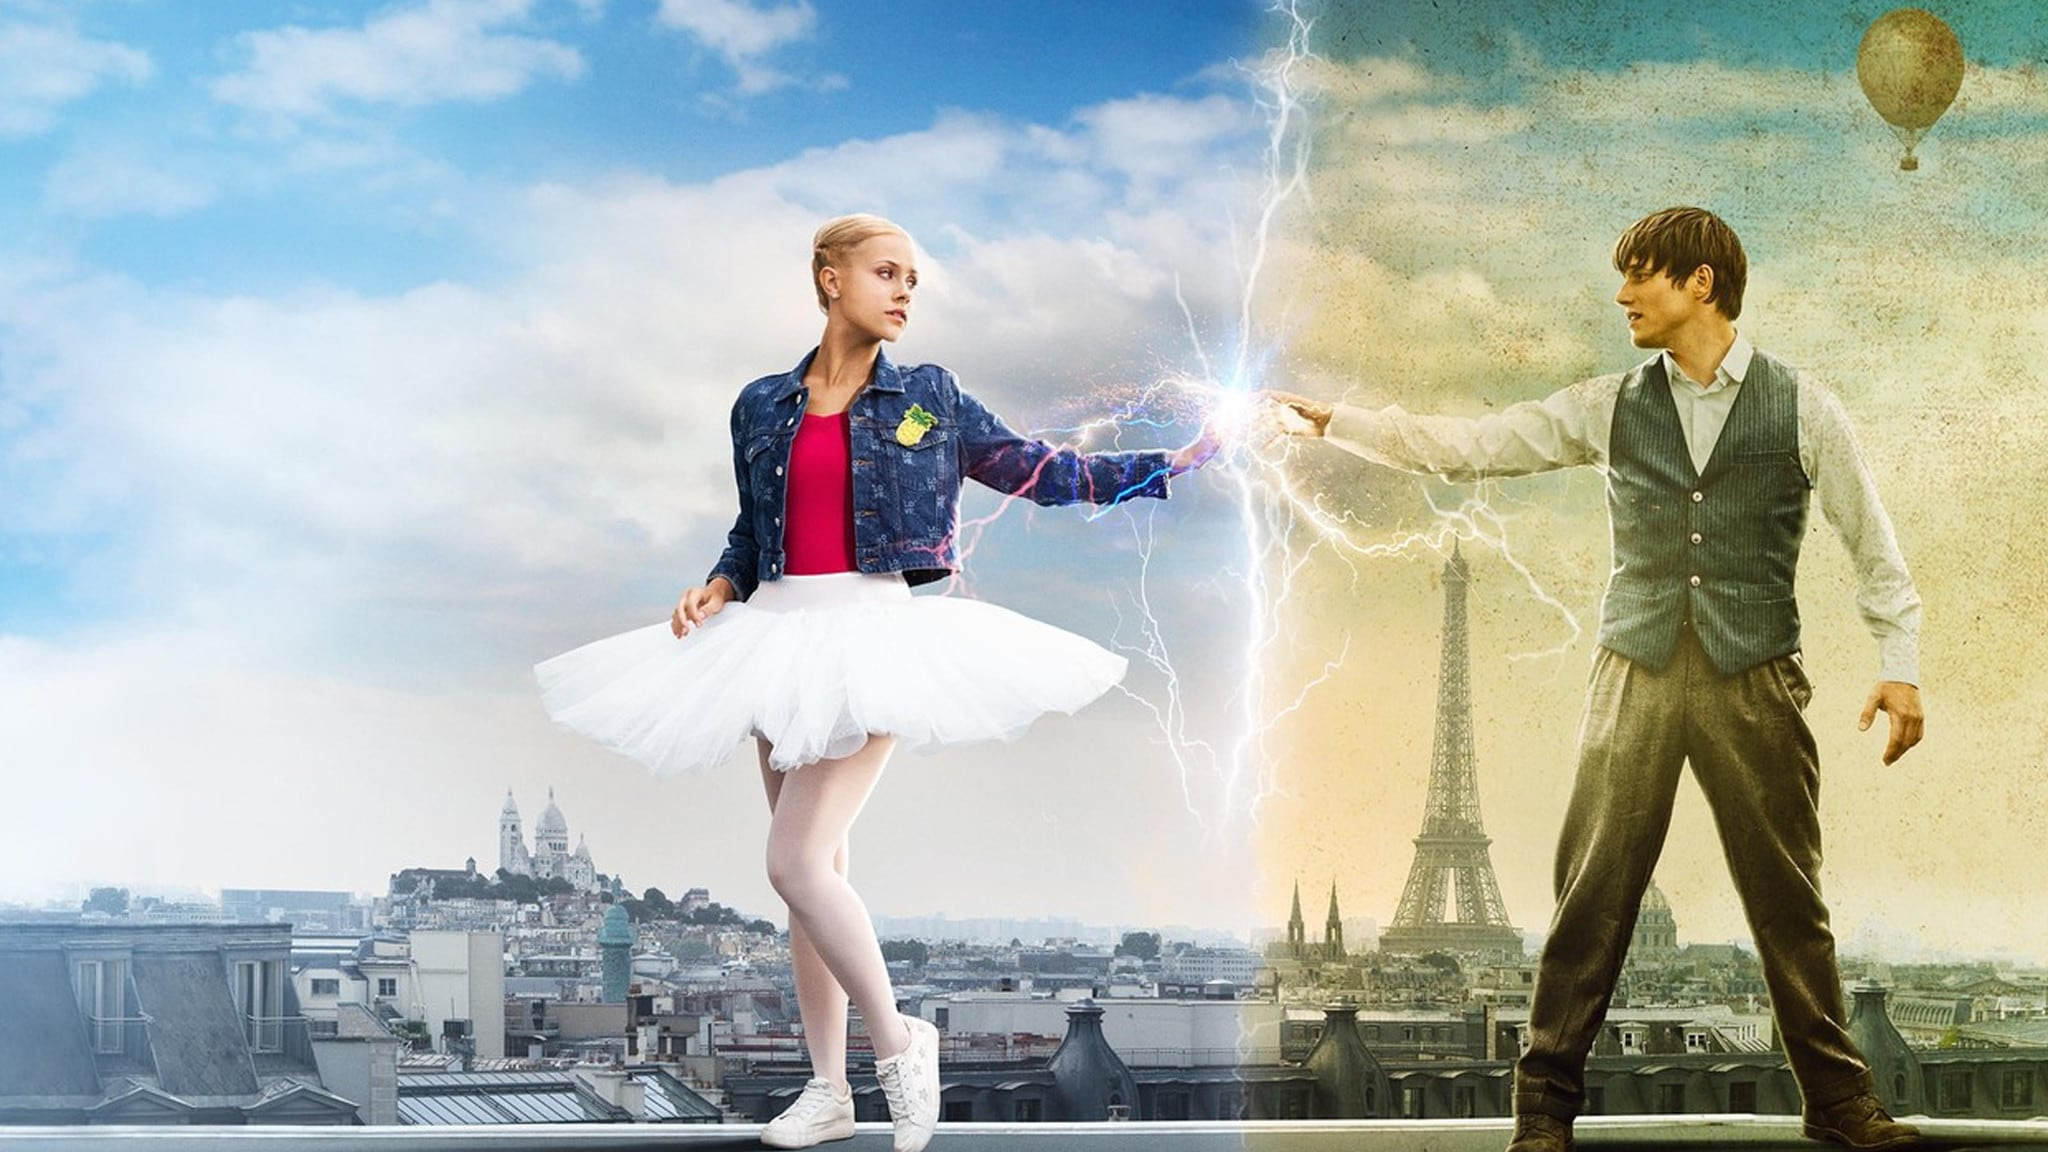 Rai Gulp Cercami a Parigi - S1E13 - Amore nel tempo